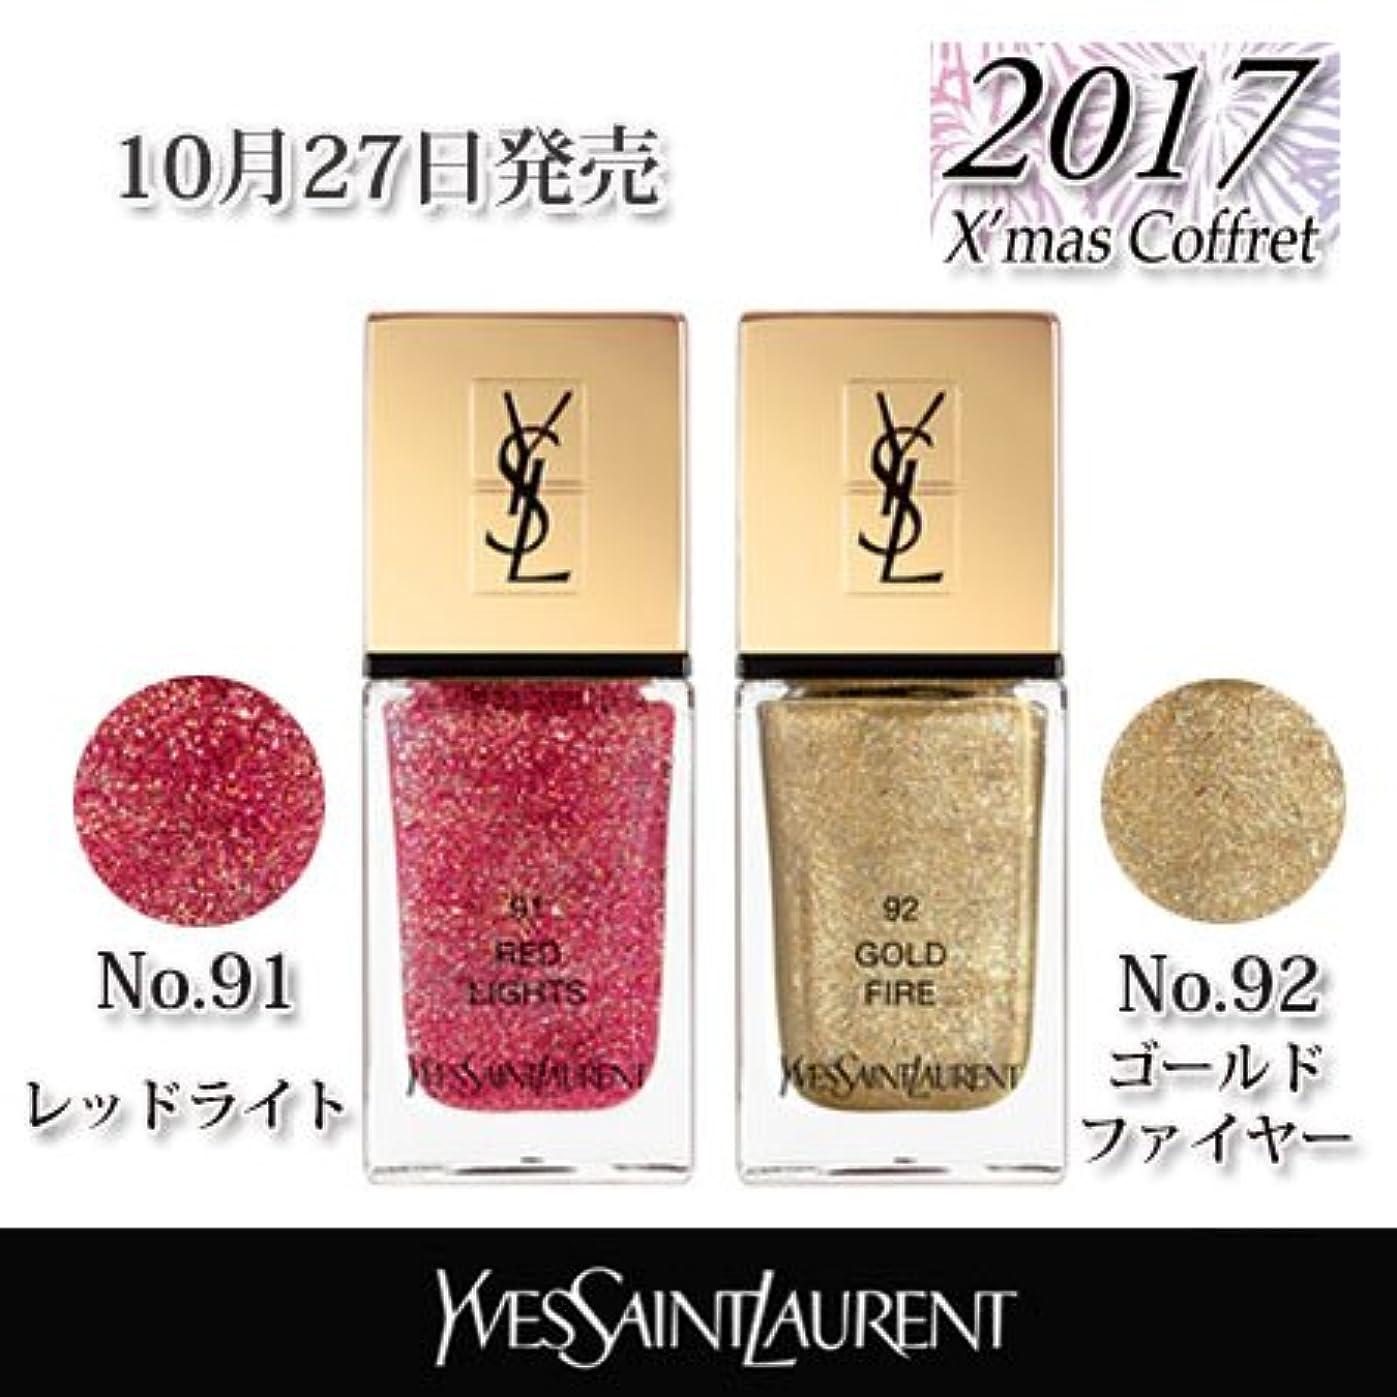 イヴ?サンローラン ラ ラッククチュール 2017 クリスマス コフレ -YSL- No.92